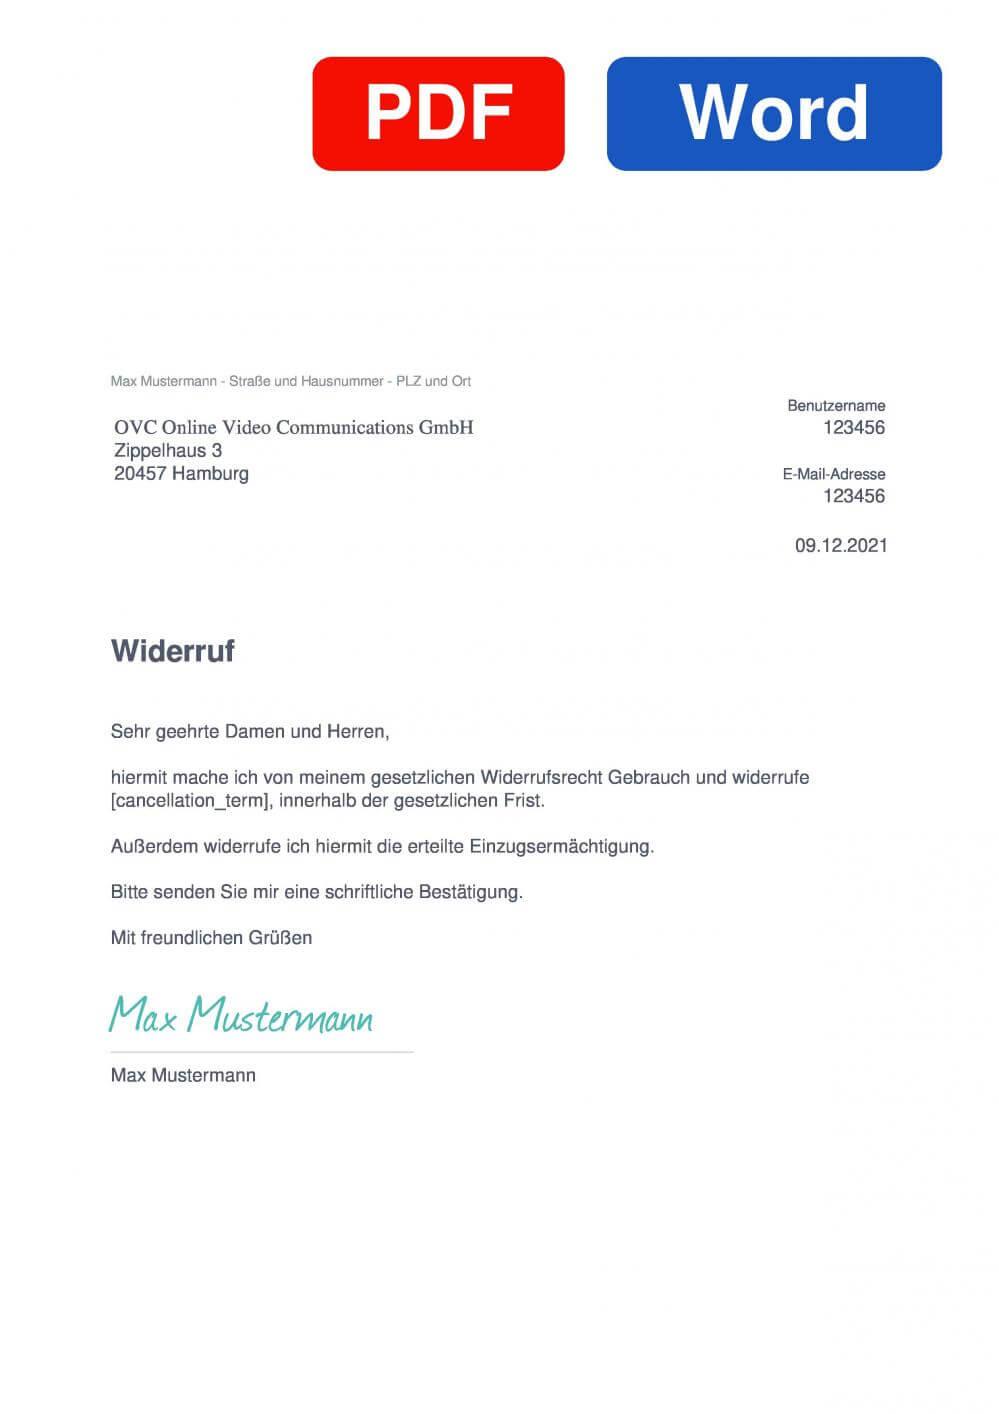 KissNoFrog Muster Vorlage für Wiederrufsschreiben